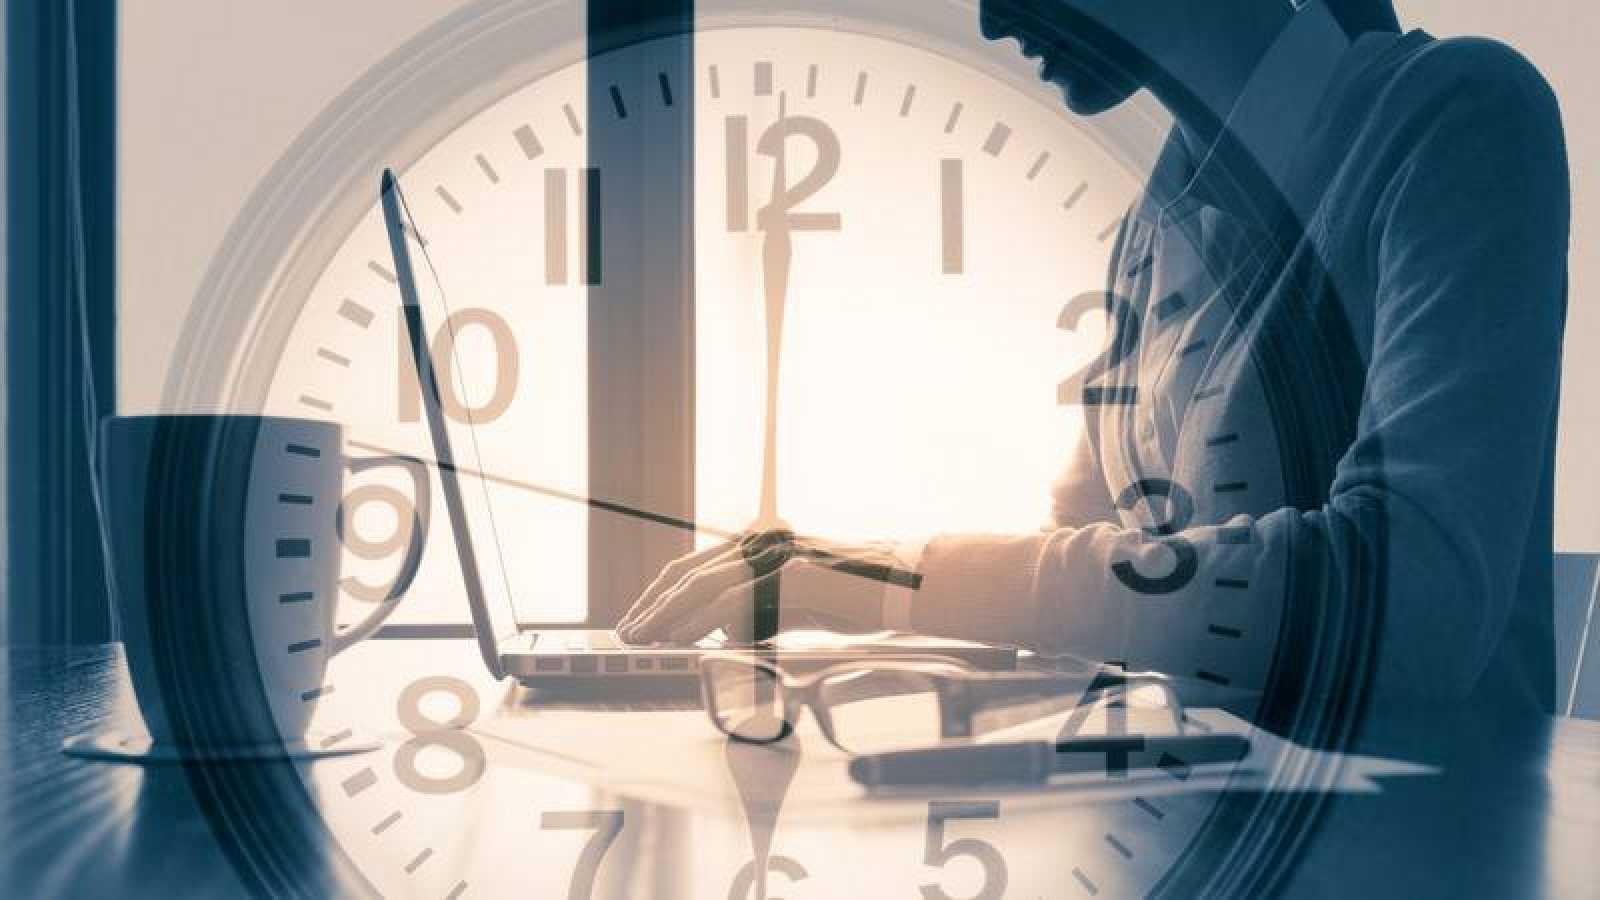 La extensión de los horarios laborales tiene efectos negativos en la salud de los trabajadores